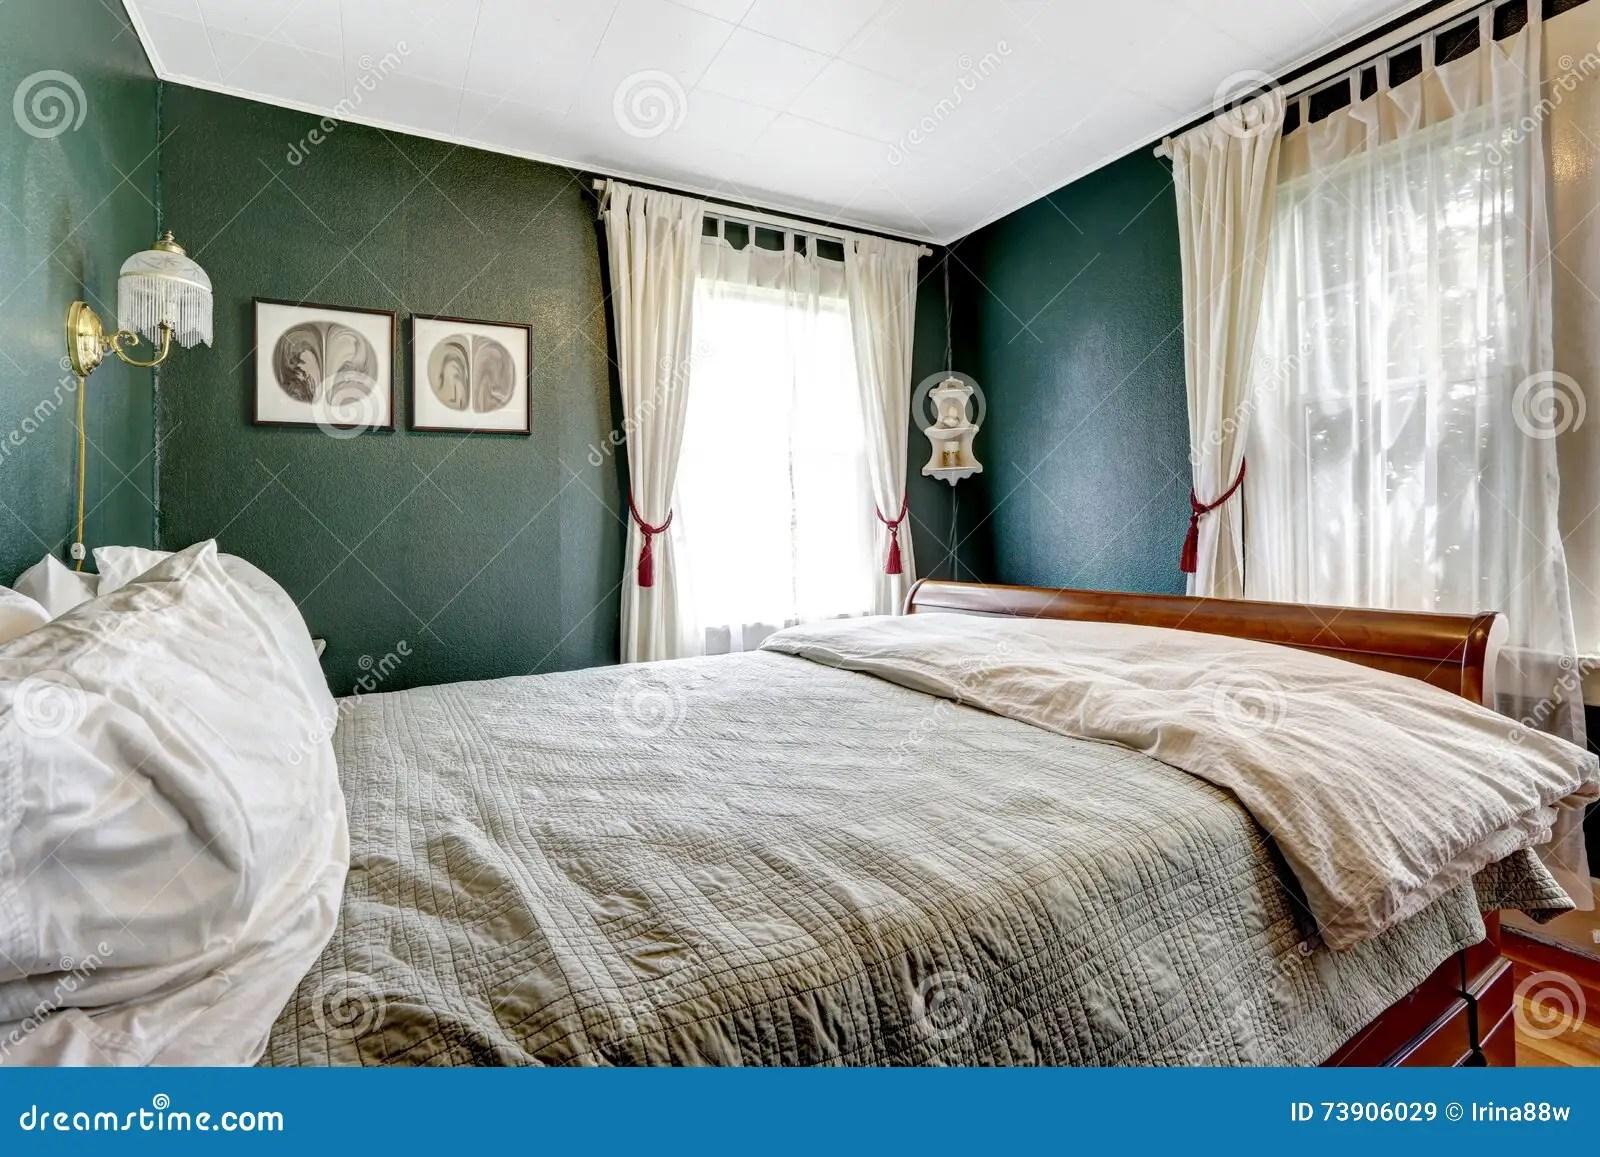 Camera Da Letto Verde Smeraldo : Camera da letto verde camera da letto bambino legno massello